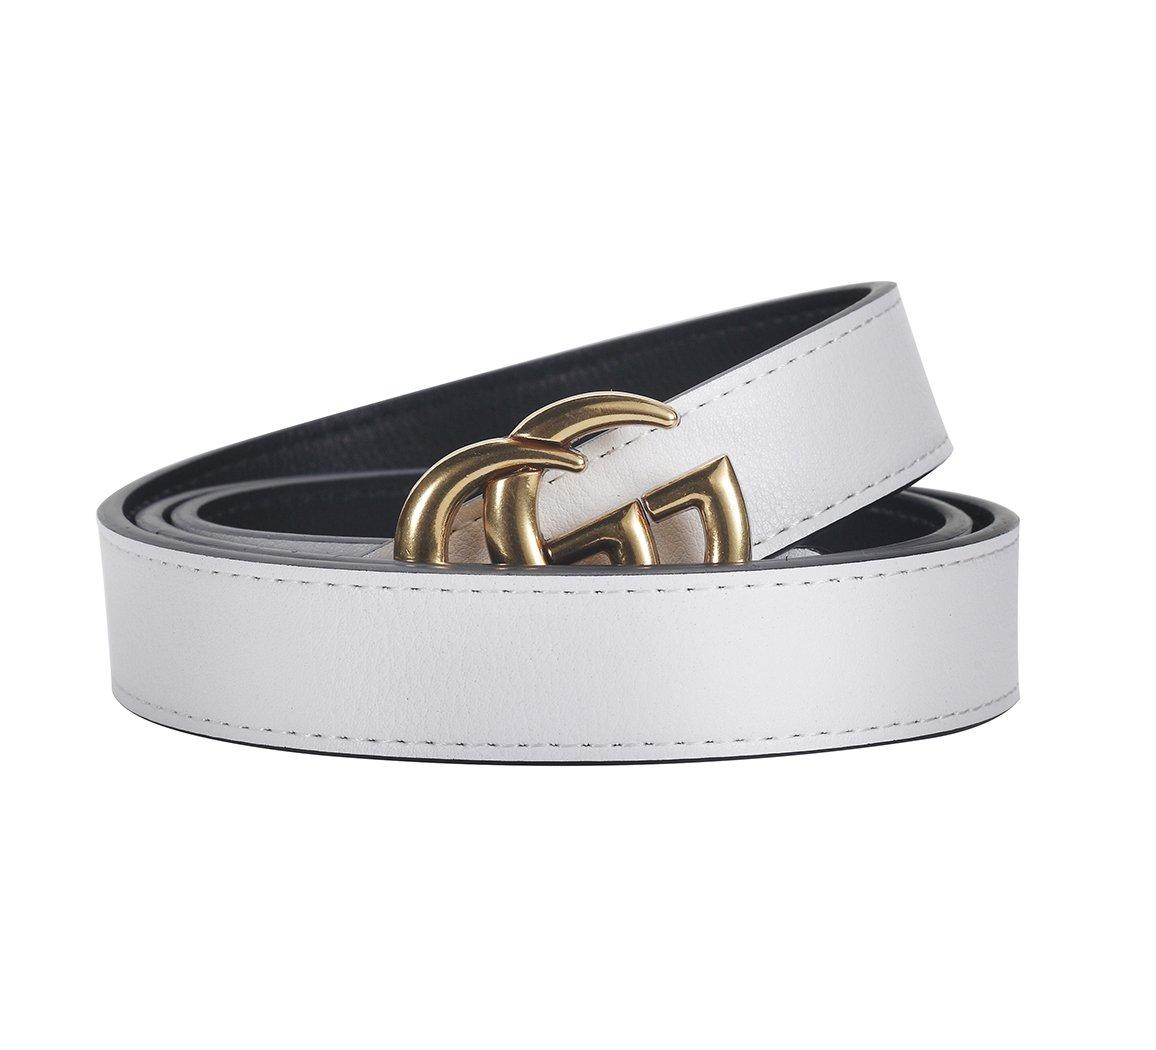 [TGVQUN] Luxury Designer GG Style Slim Thin Women Girl Fashion Belt [2.5CM Width] (95CM [Waist 26-30], White)